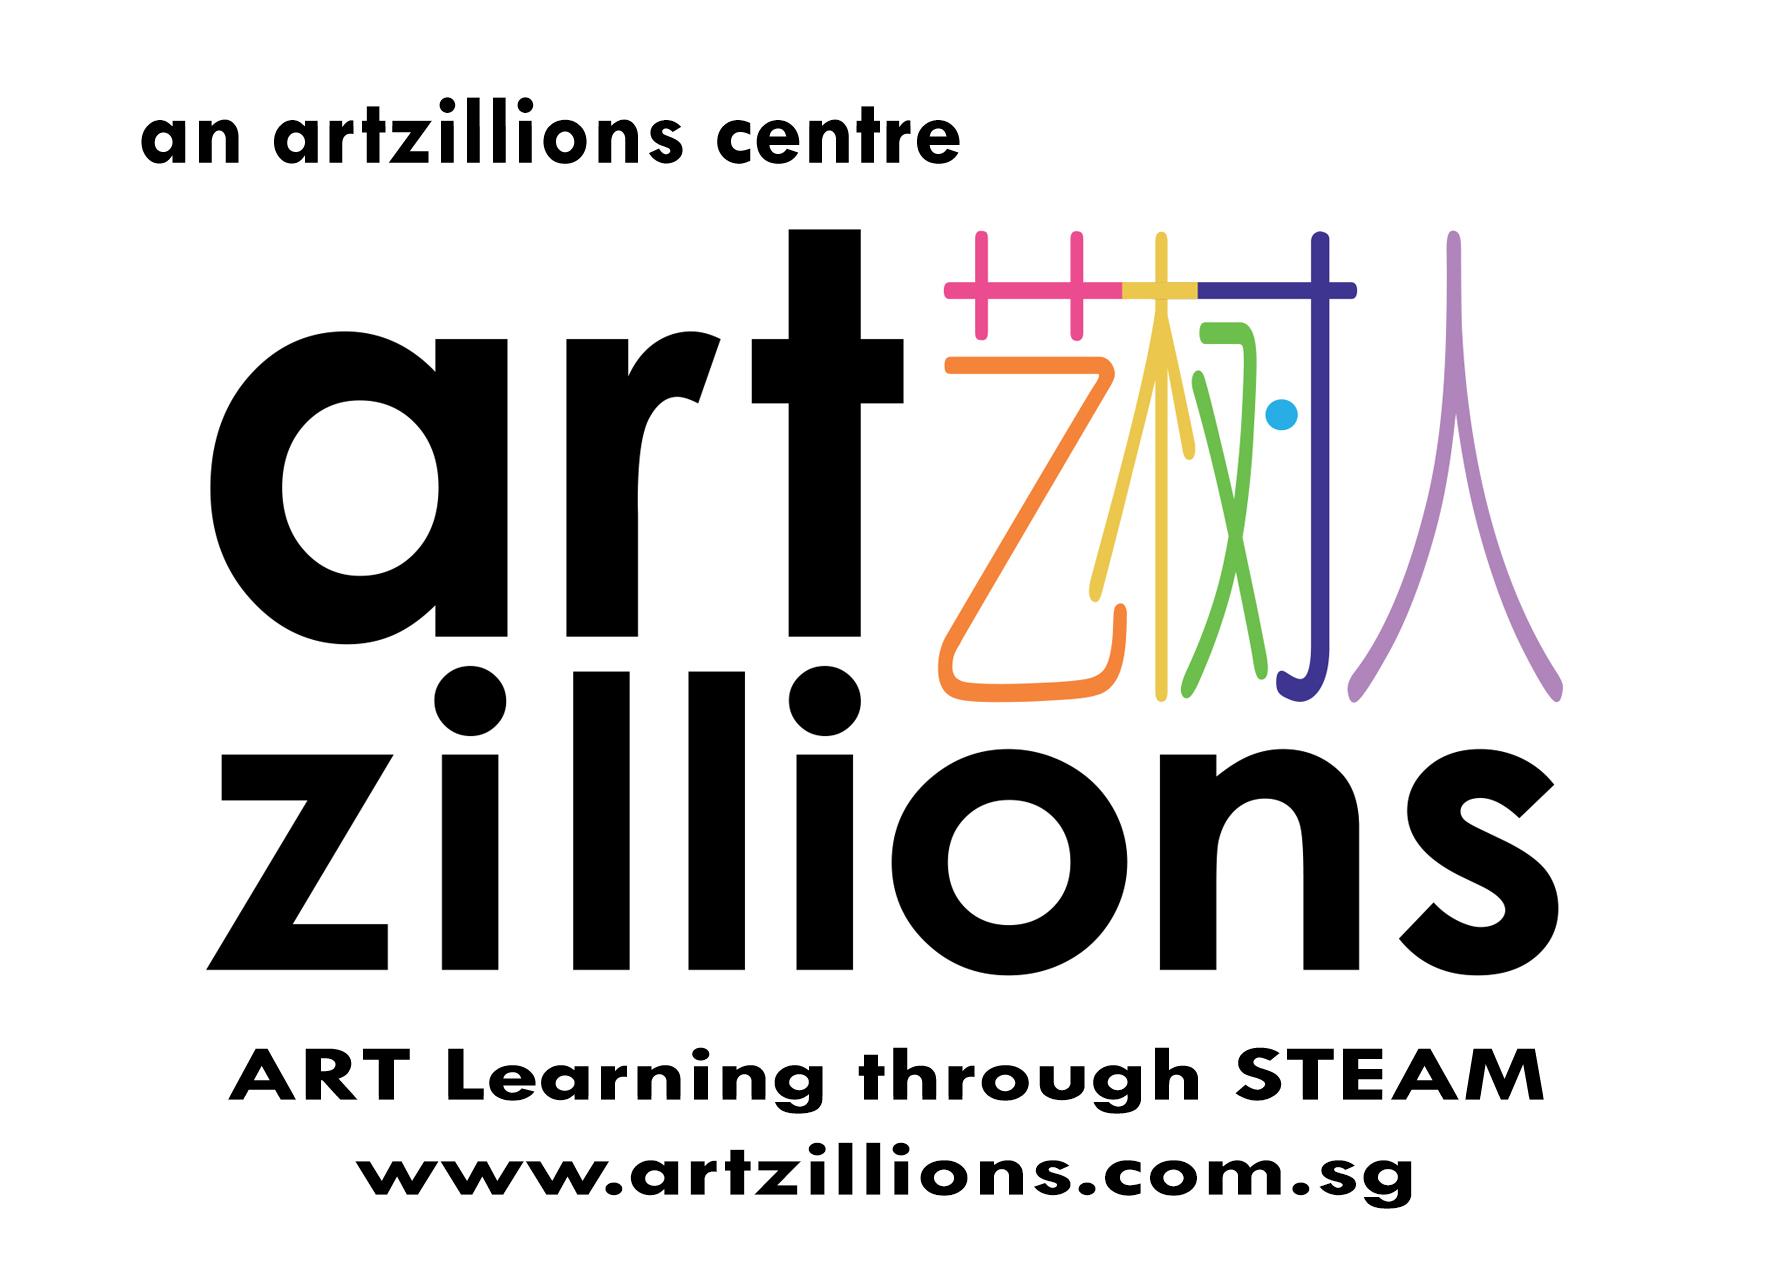 artzillions logo centre.jpg